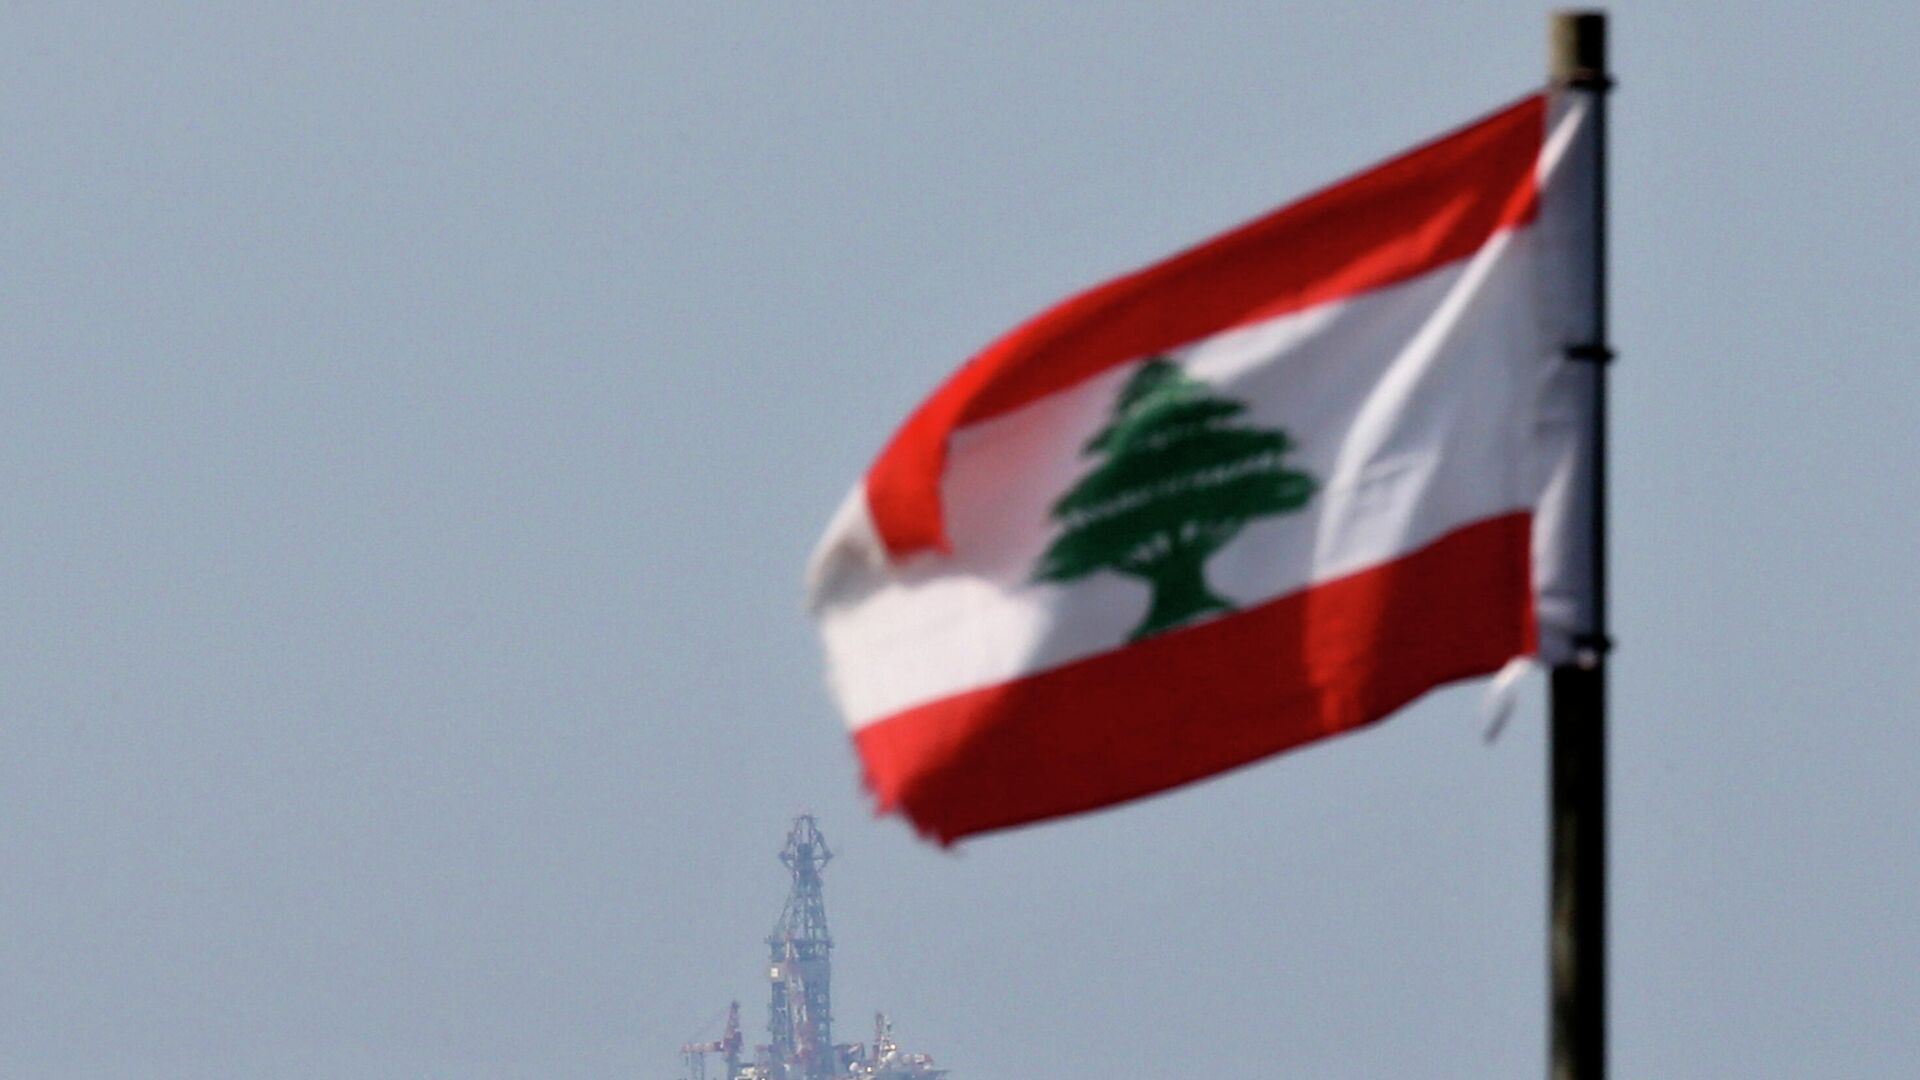 Флаг Ливана у бурового судна Tungsten Explorer. 27 февраля 2020  - РИА Новости, 1920, 26.07.2021